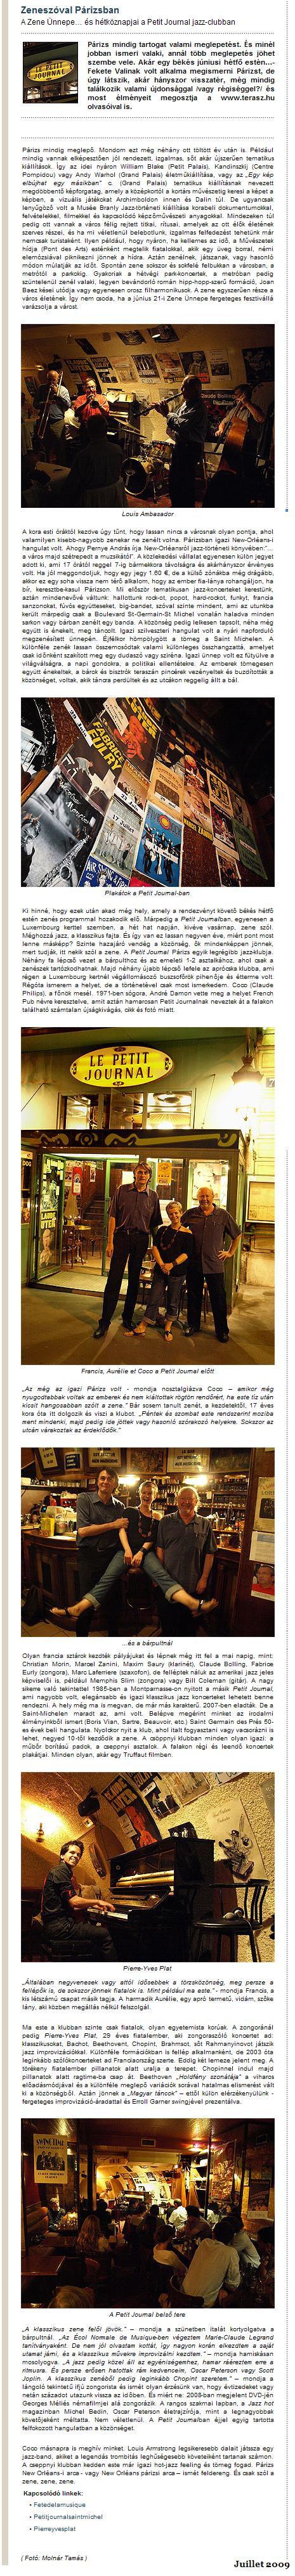 Pyp Interview Petit Journal.JPG